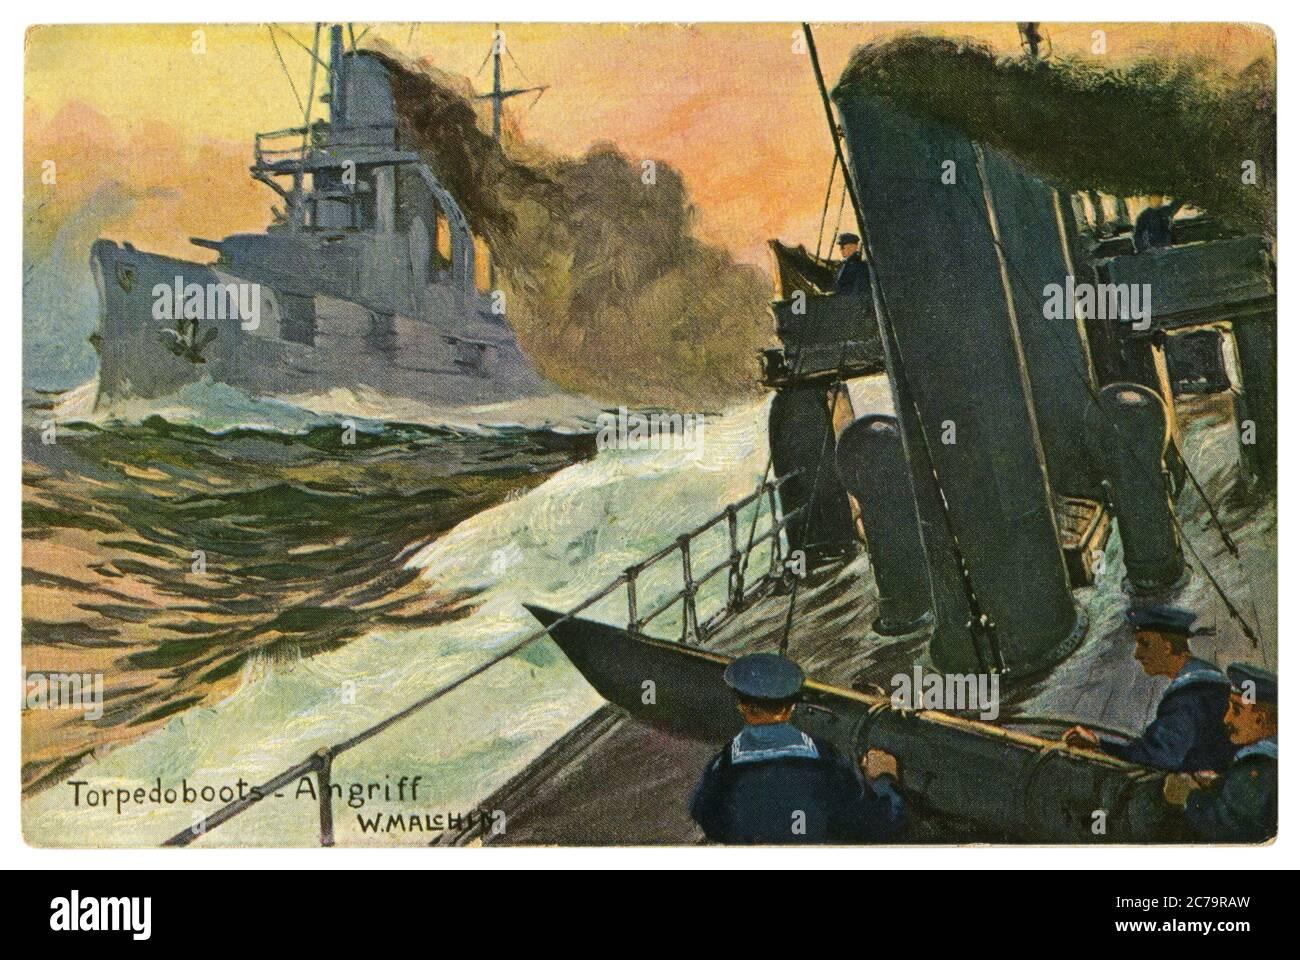 Carte postale historique allemande : attaque de bateaux torpilles. Marins de la Marine à bord d'un navire de guerre au tube de torpille. Bataille de la mer, guerre mondiale un 1914-1918. Allemagne Banque D'Images